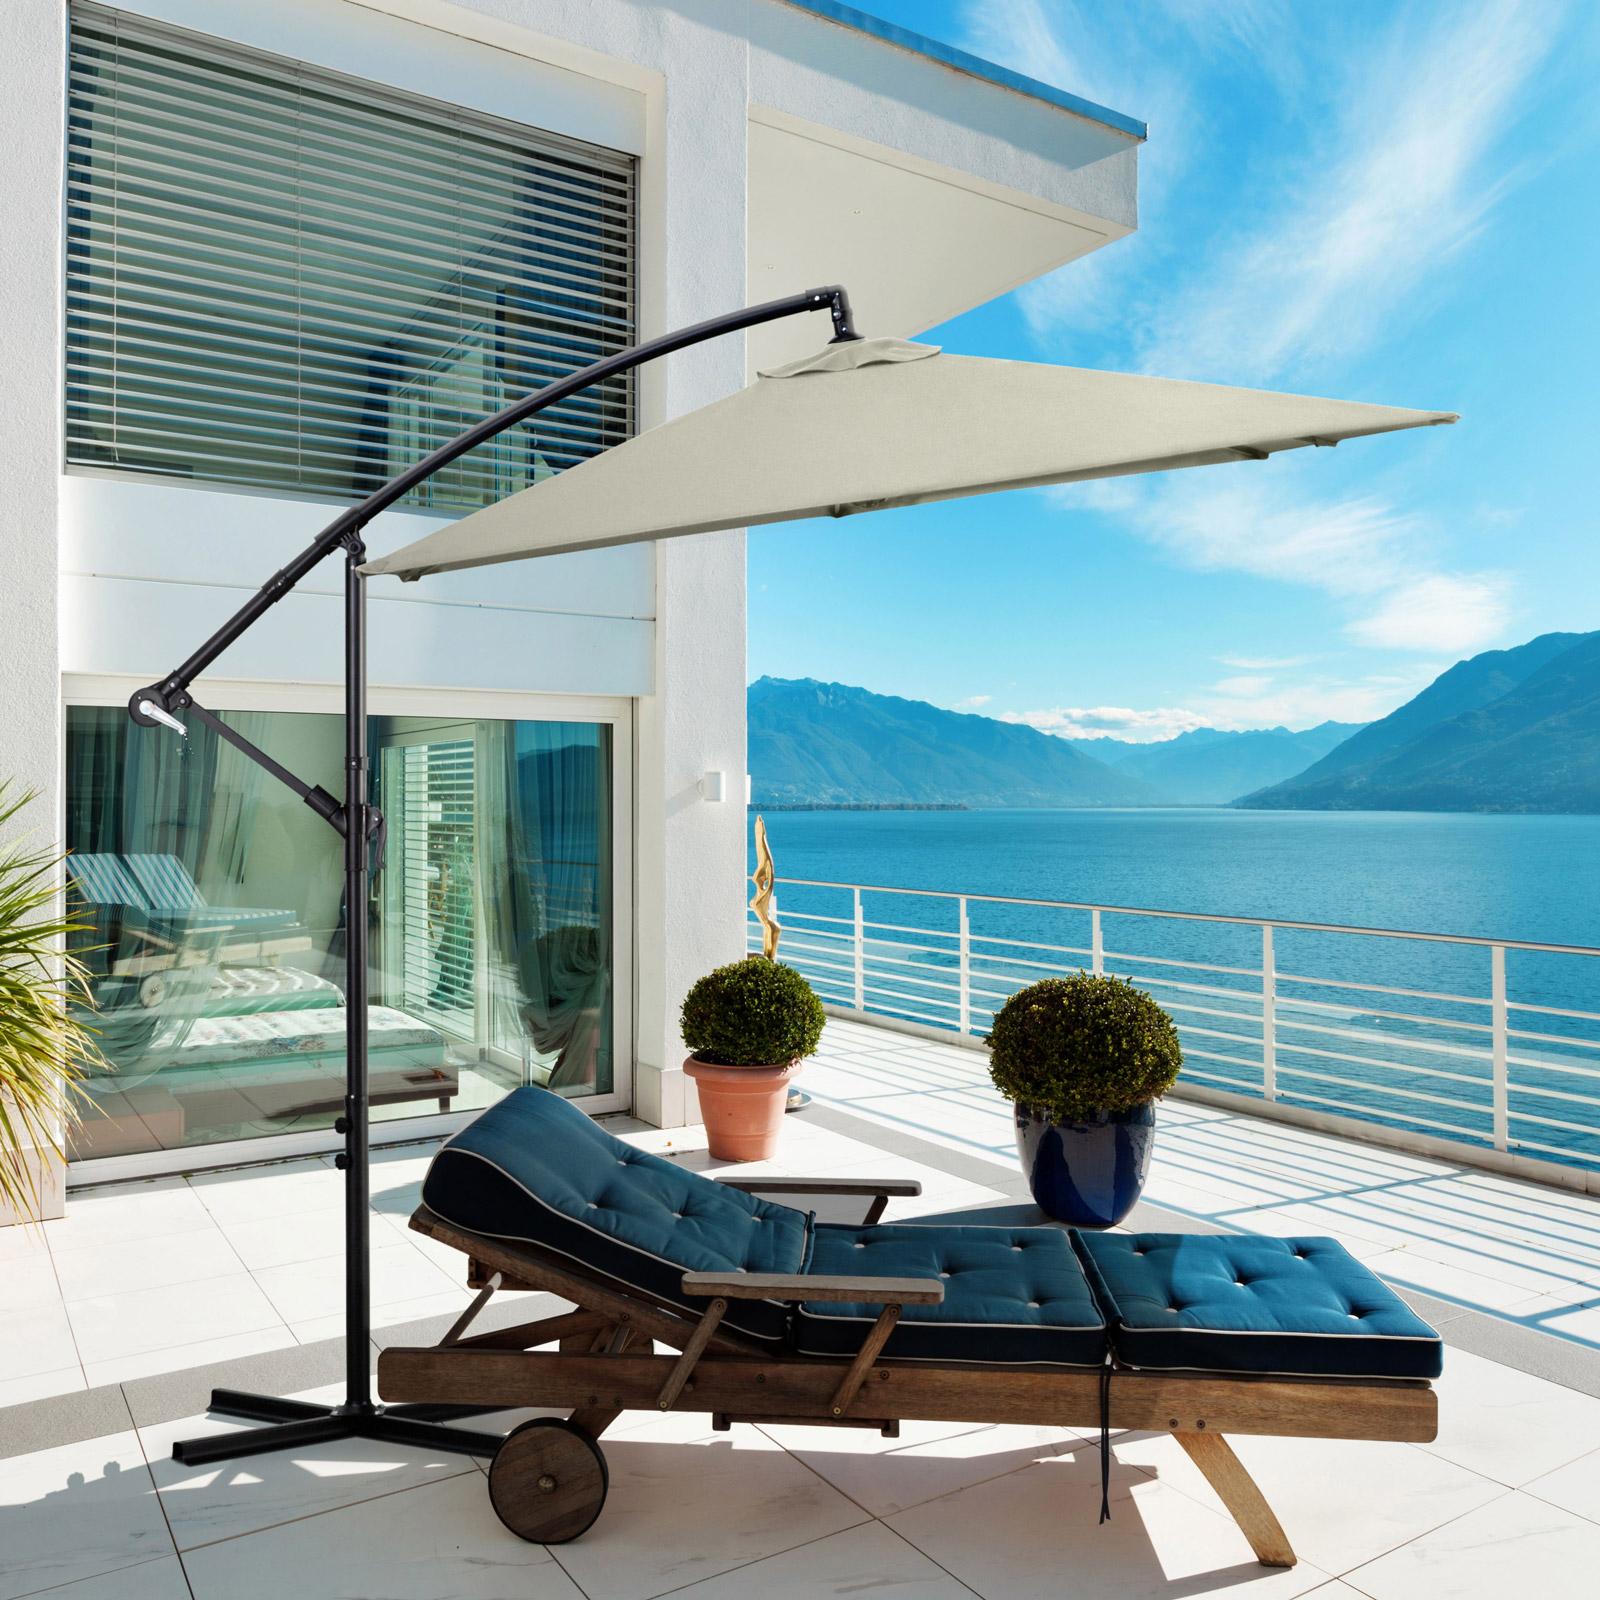 Milano-2-2M-Outdoor-Umbrella-Cantilever-Garden-Deck-Patio-Shade-Water-Resistant thumbnail 4